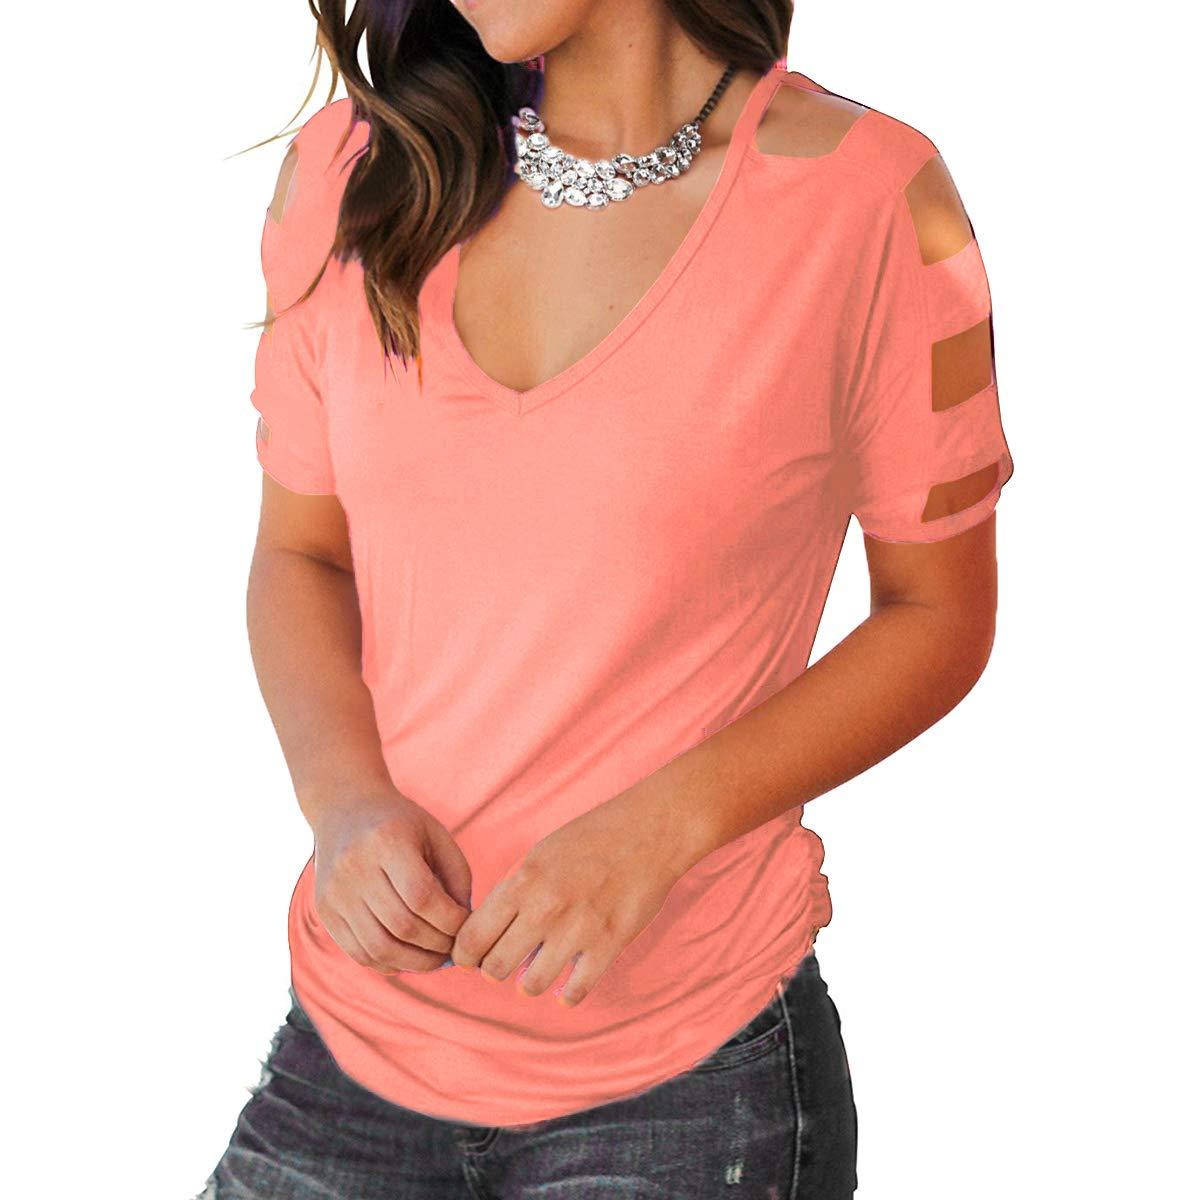 Eanklosco Womens Summer Short Sleeve Cold Shoulder Tops V Neck Basic T Shirts (Pink, L)